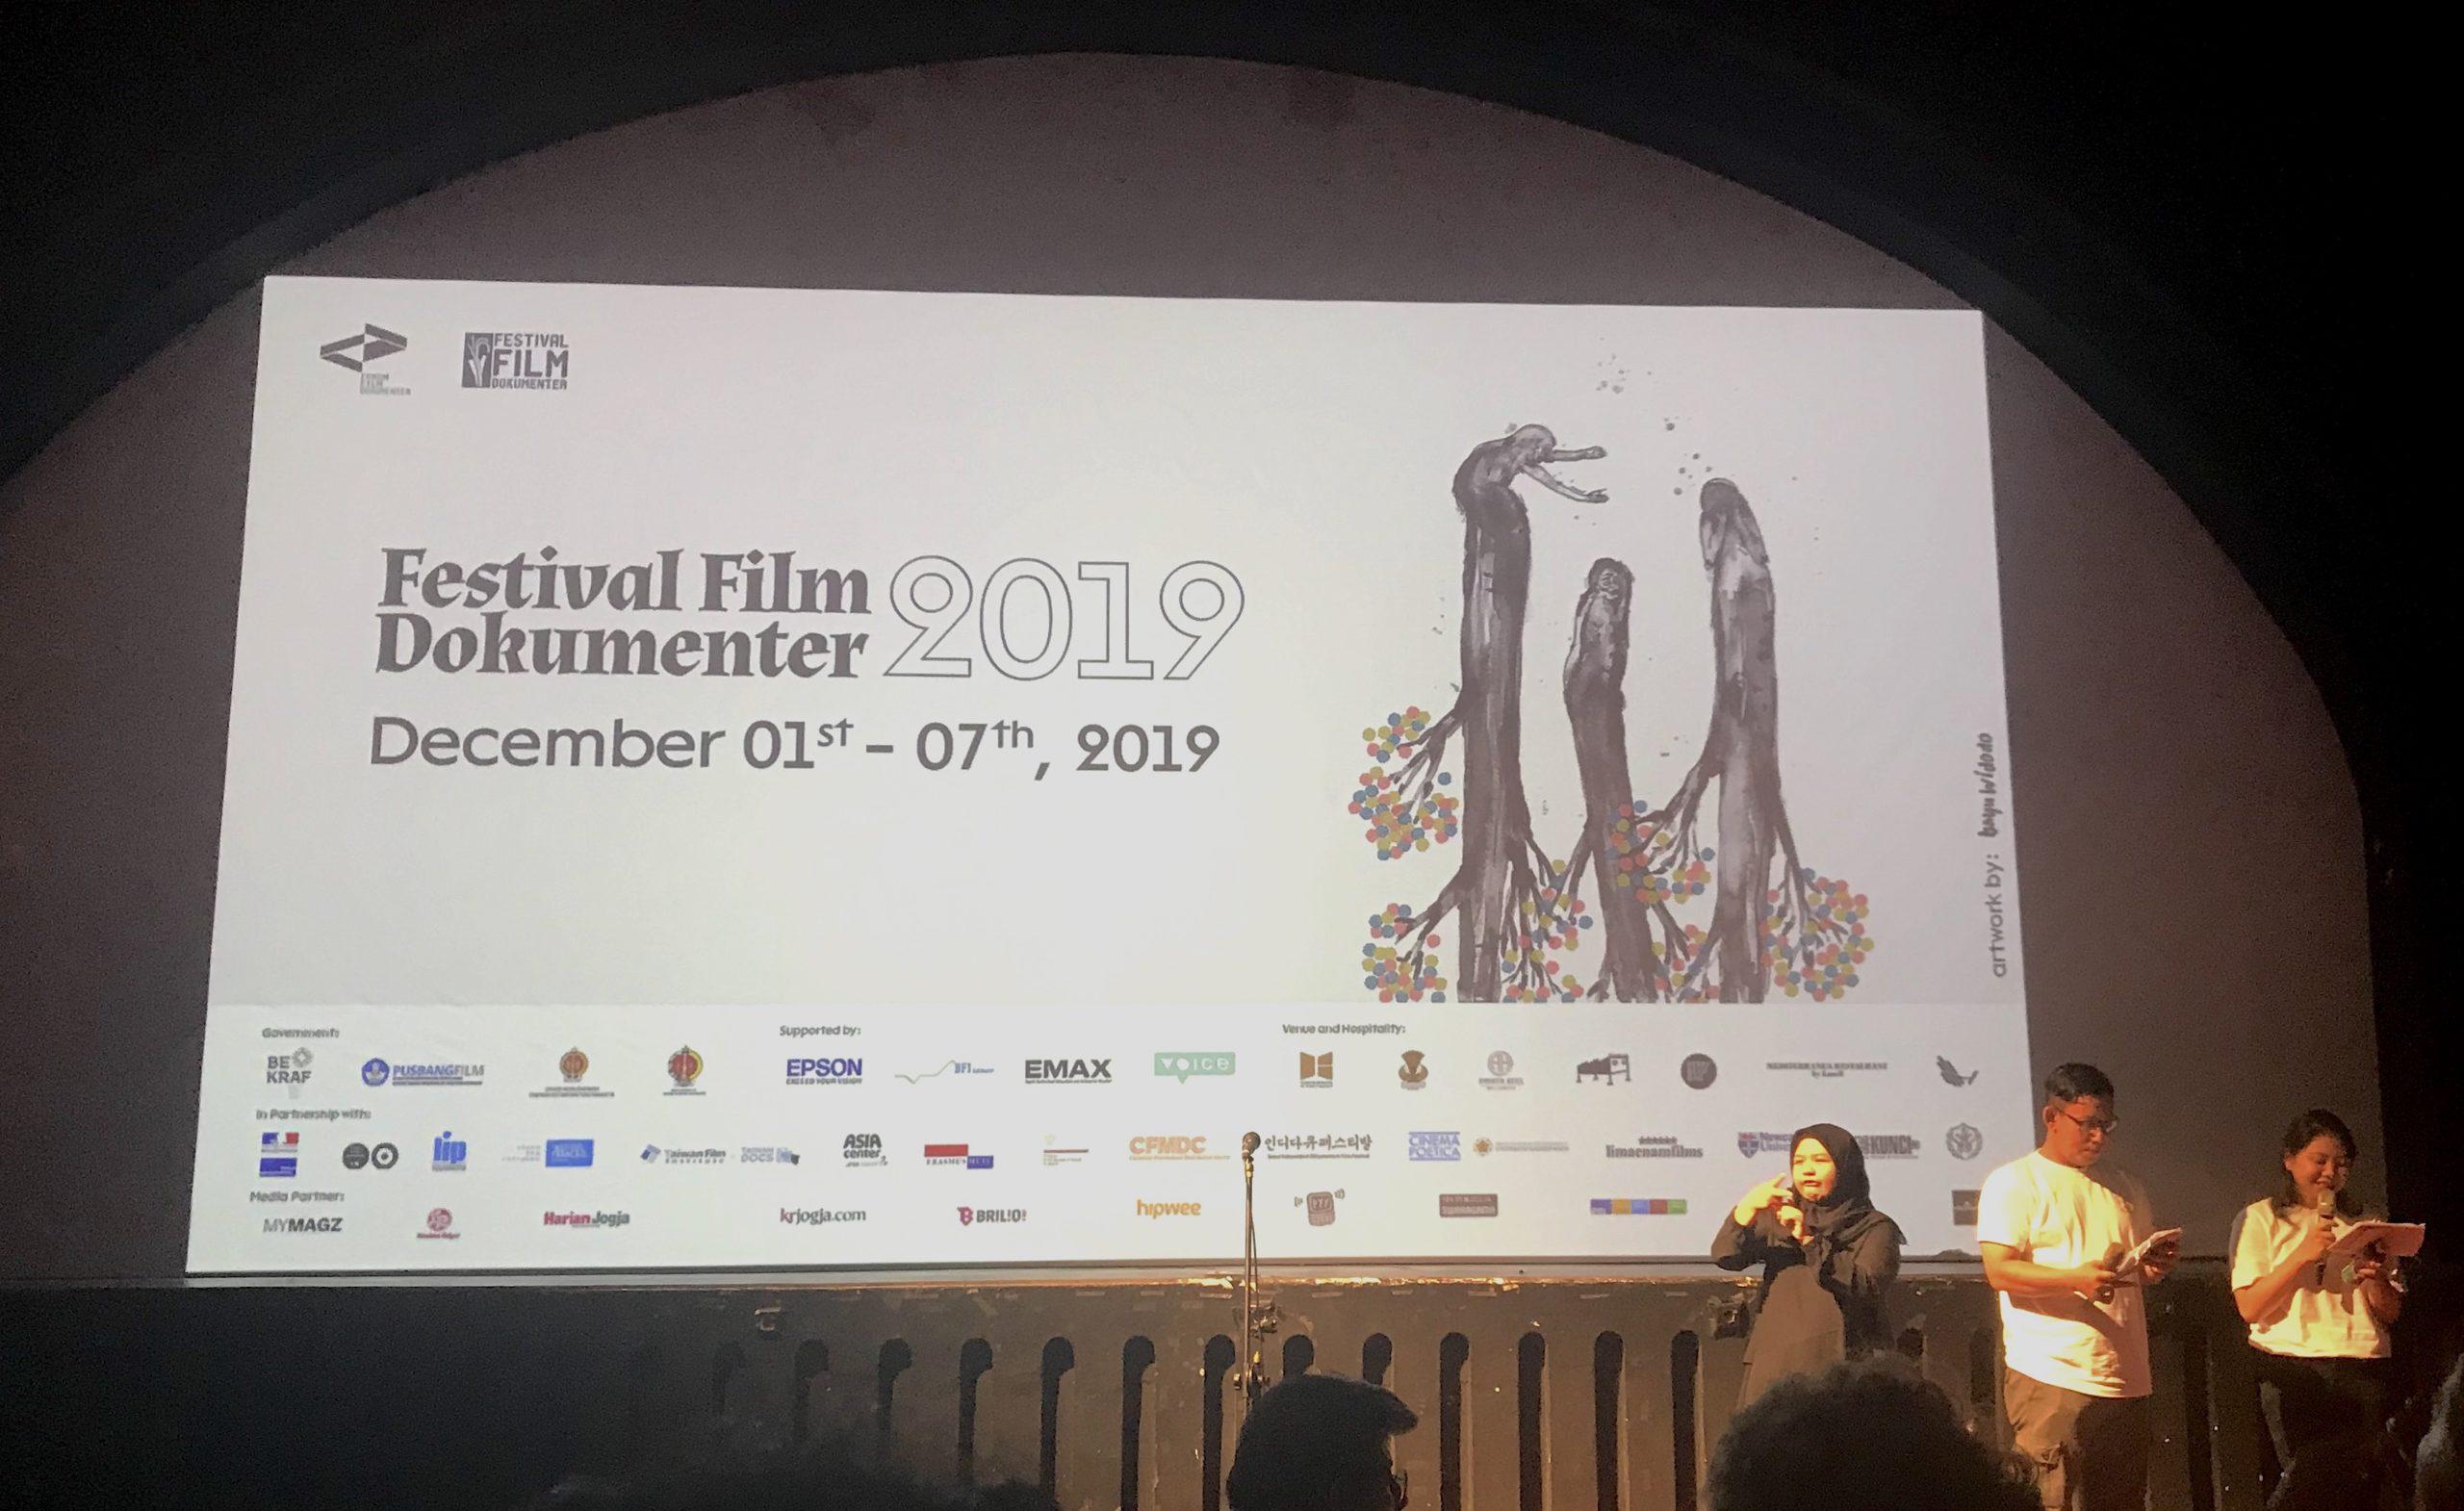 Festival Film Dokumenter